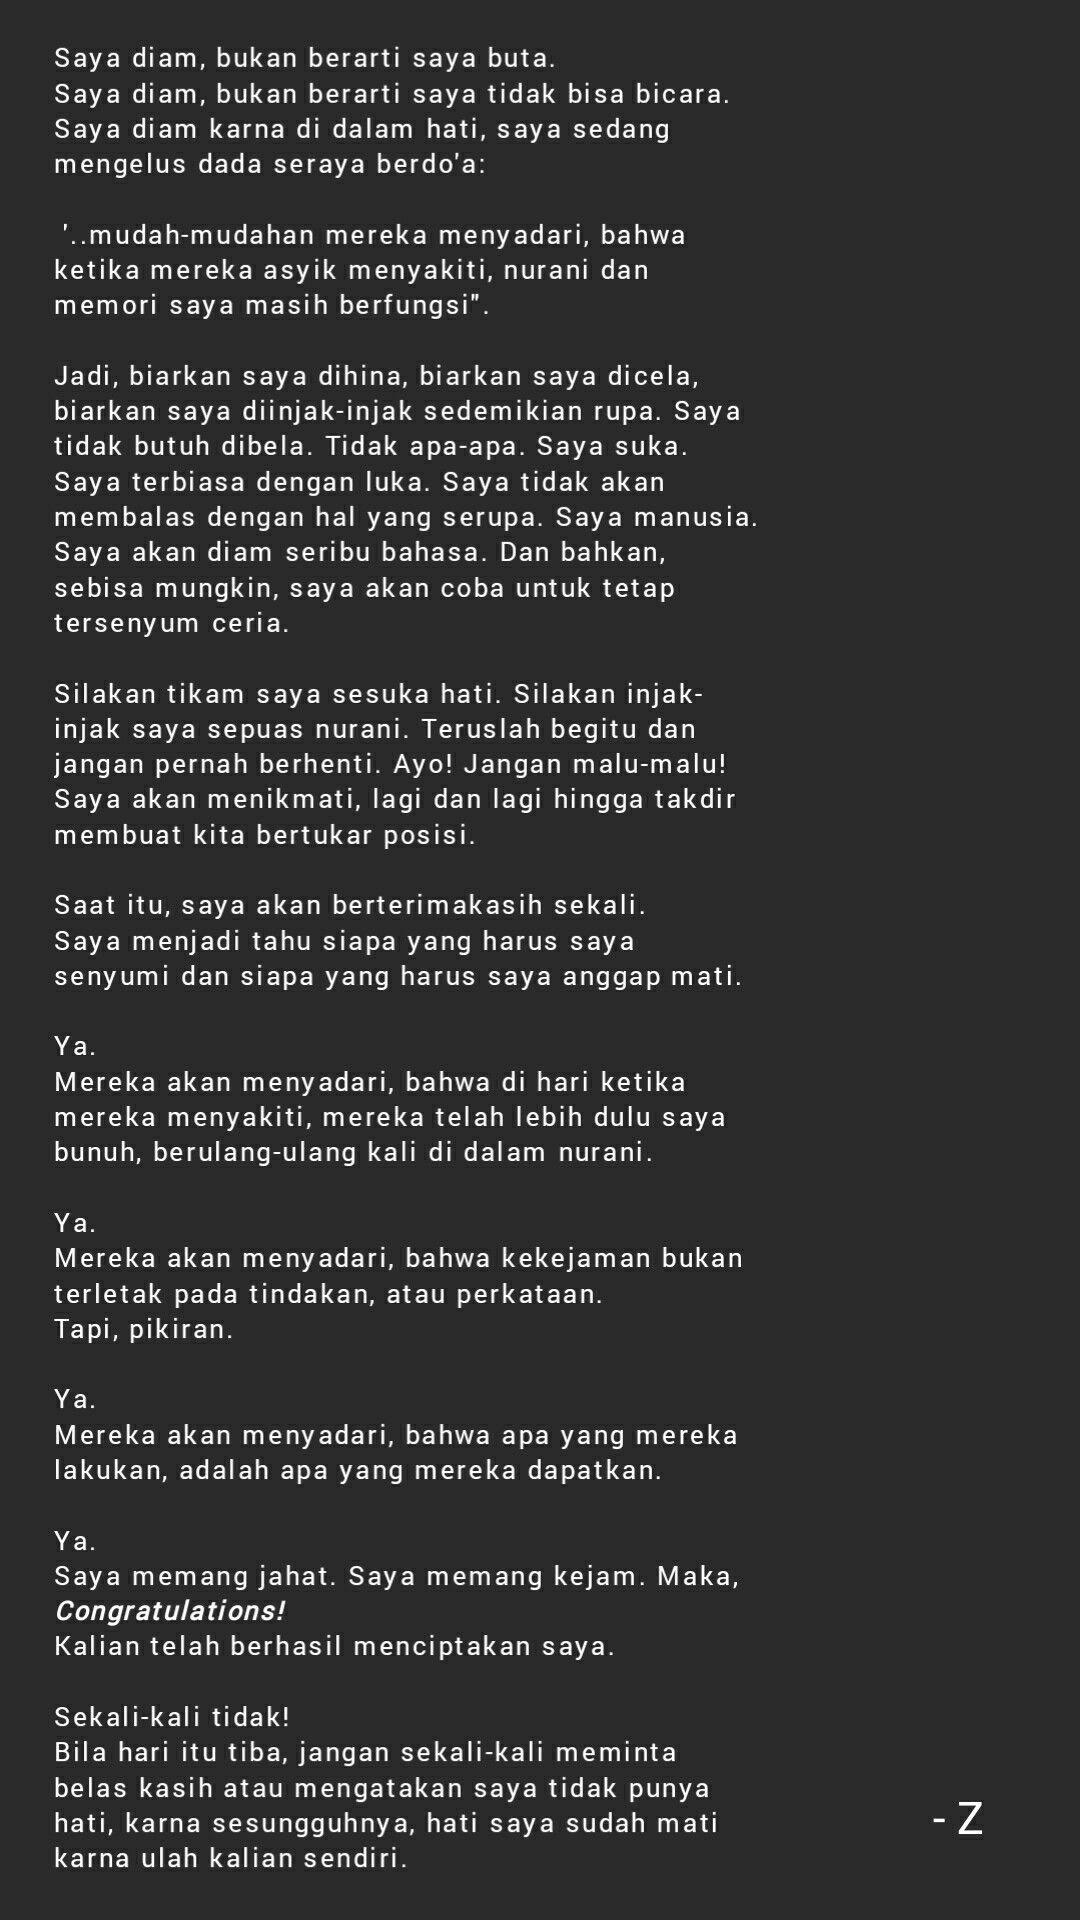 Pin Oleh Zhafir Akalanka Di Sajak Syair Puisi Akalanka